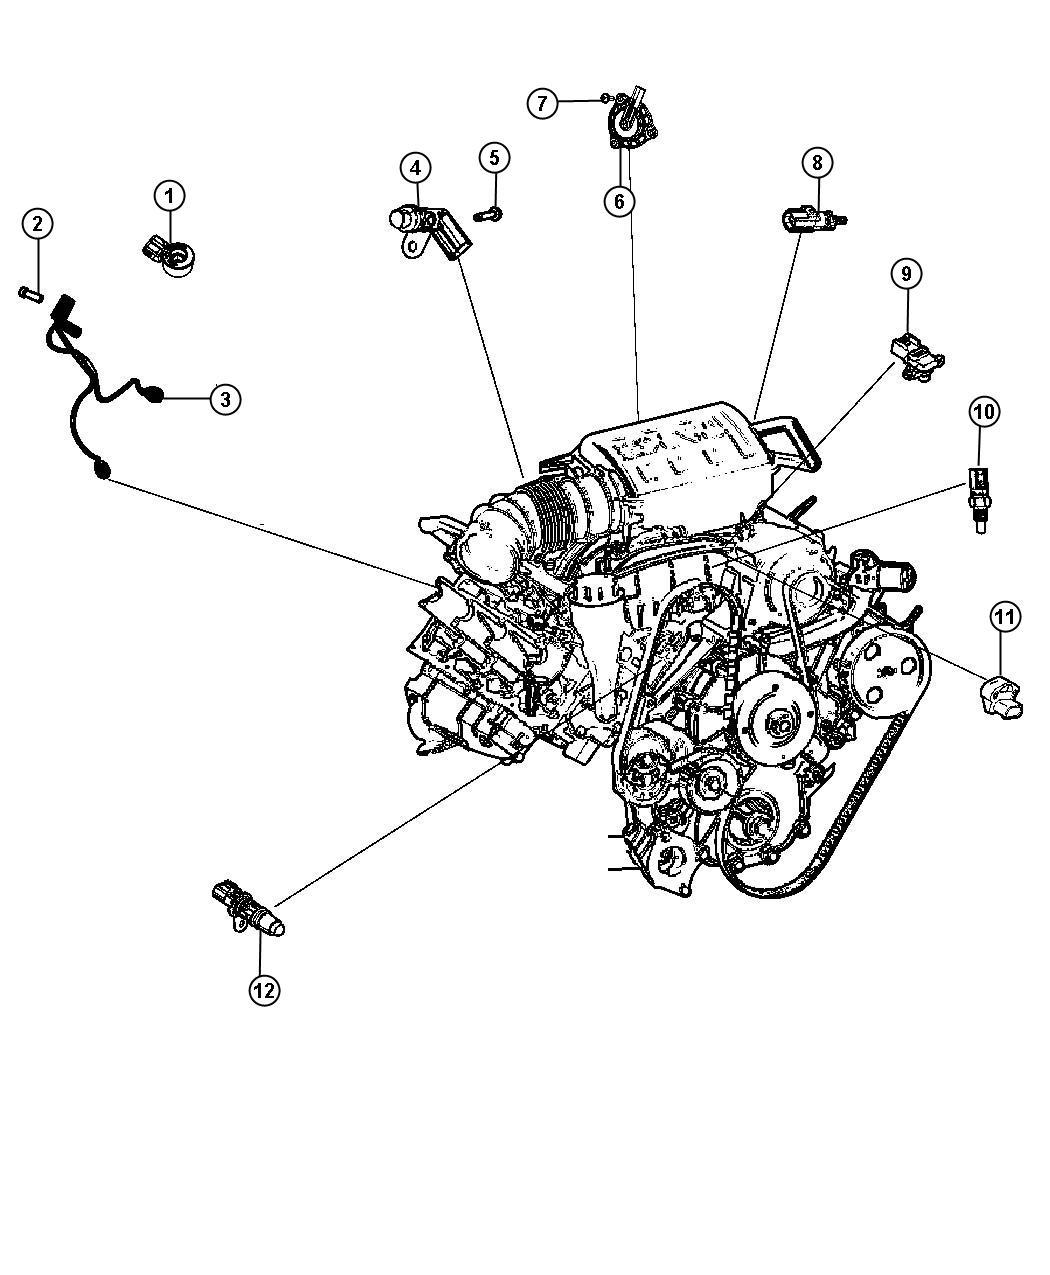 Chrysler       200    Convertible Touring 36L V6 VVT  6Speed